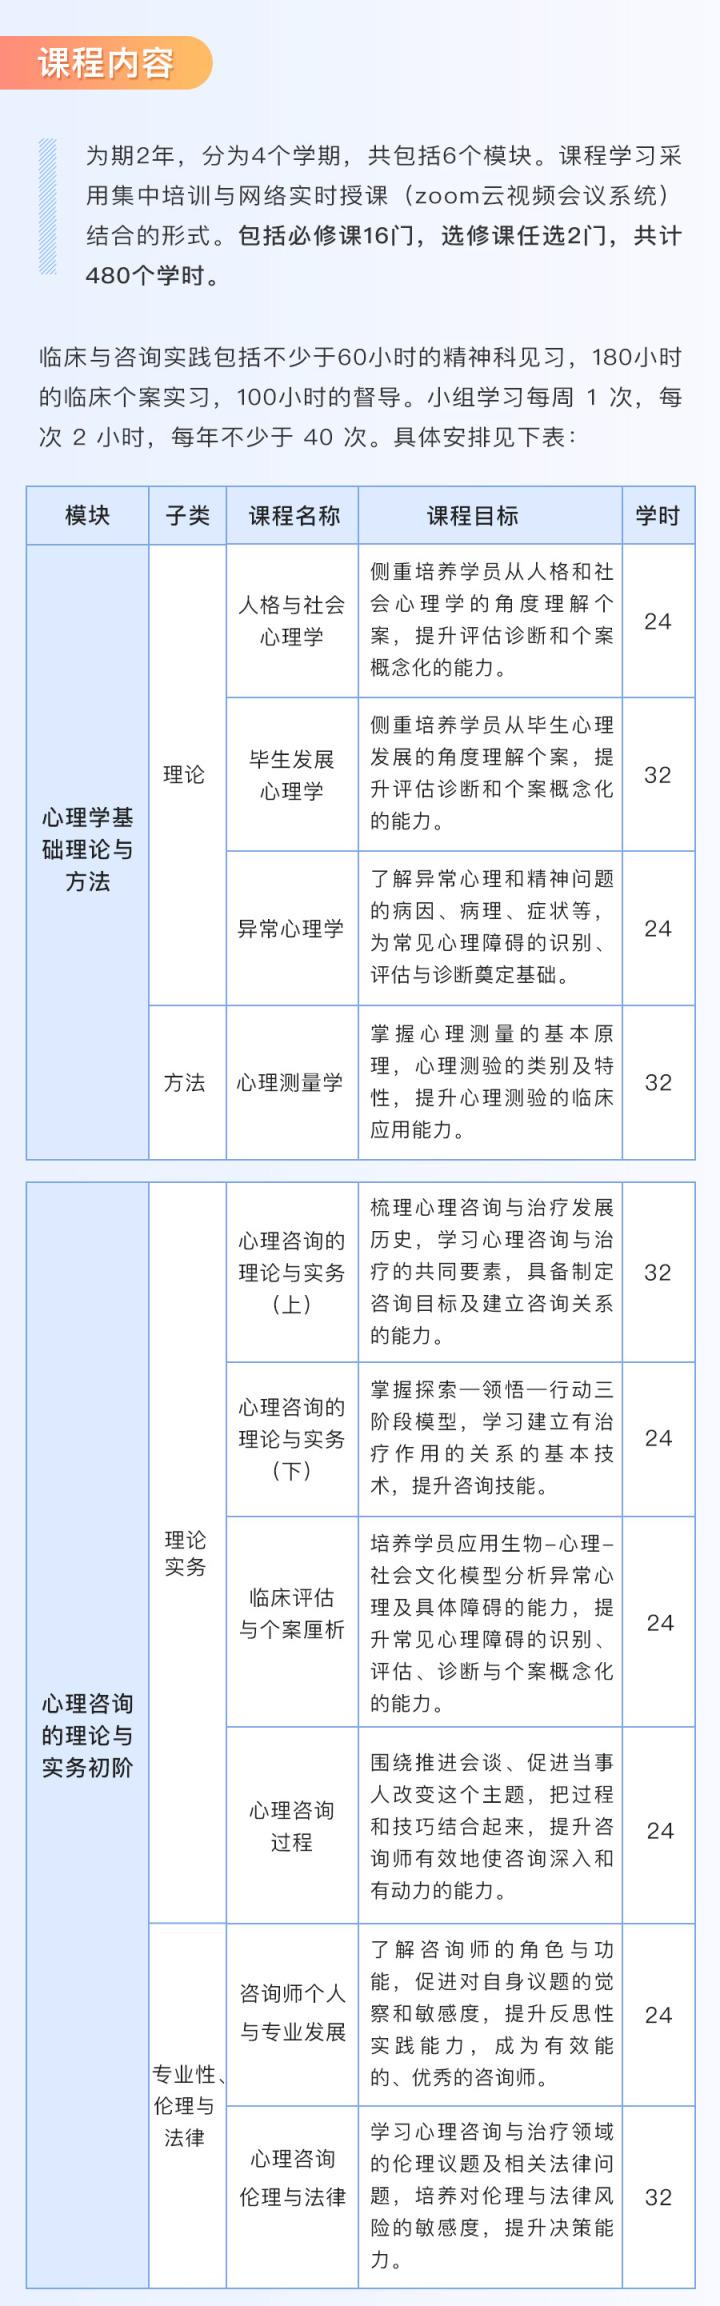 课程大纲5.jpg